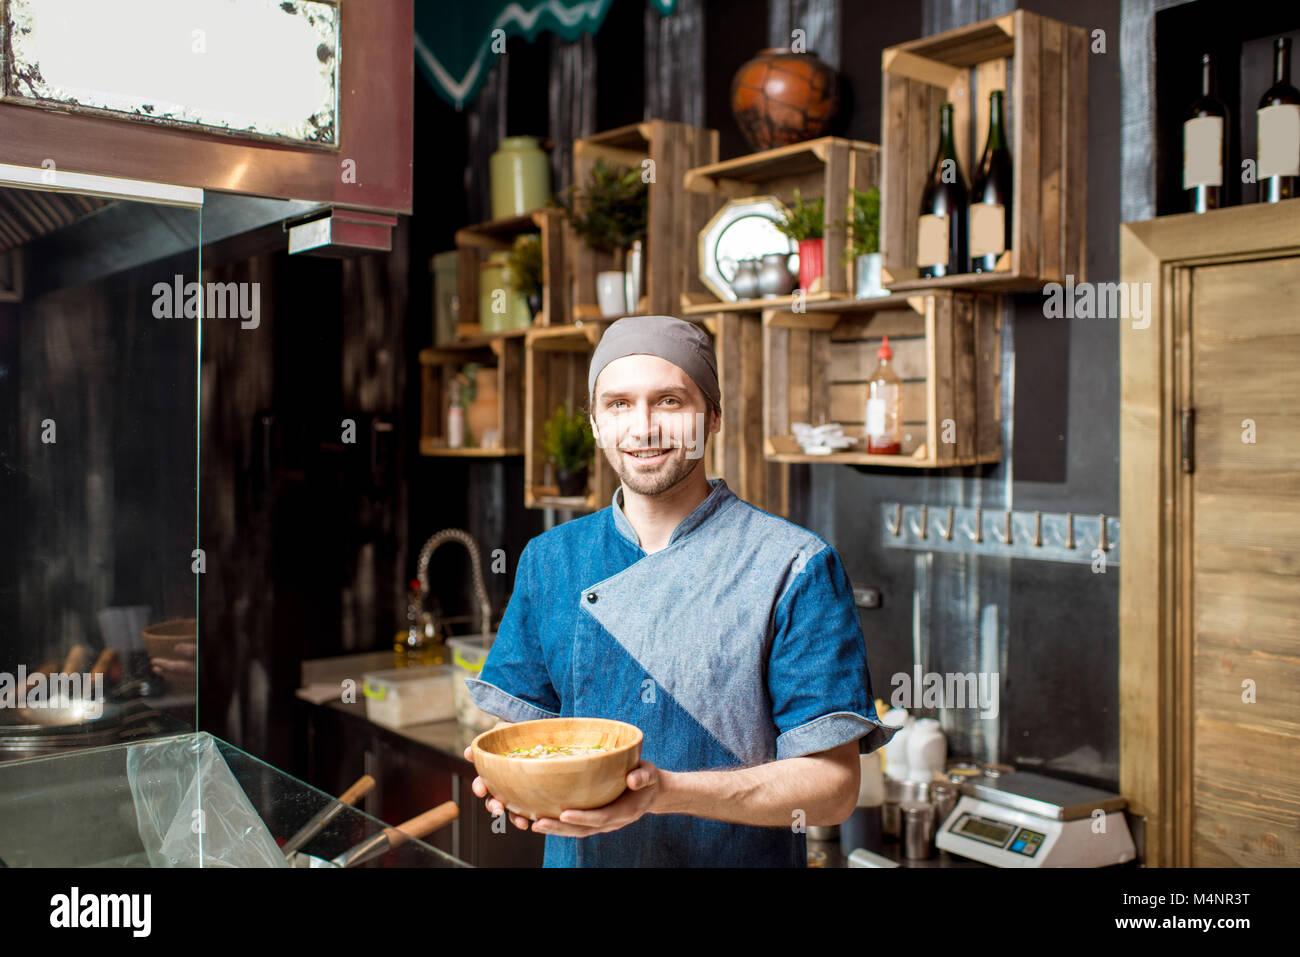 Jefe de cocina en el restaurante asiático cocina Imagen De Stock